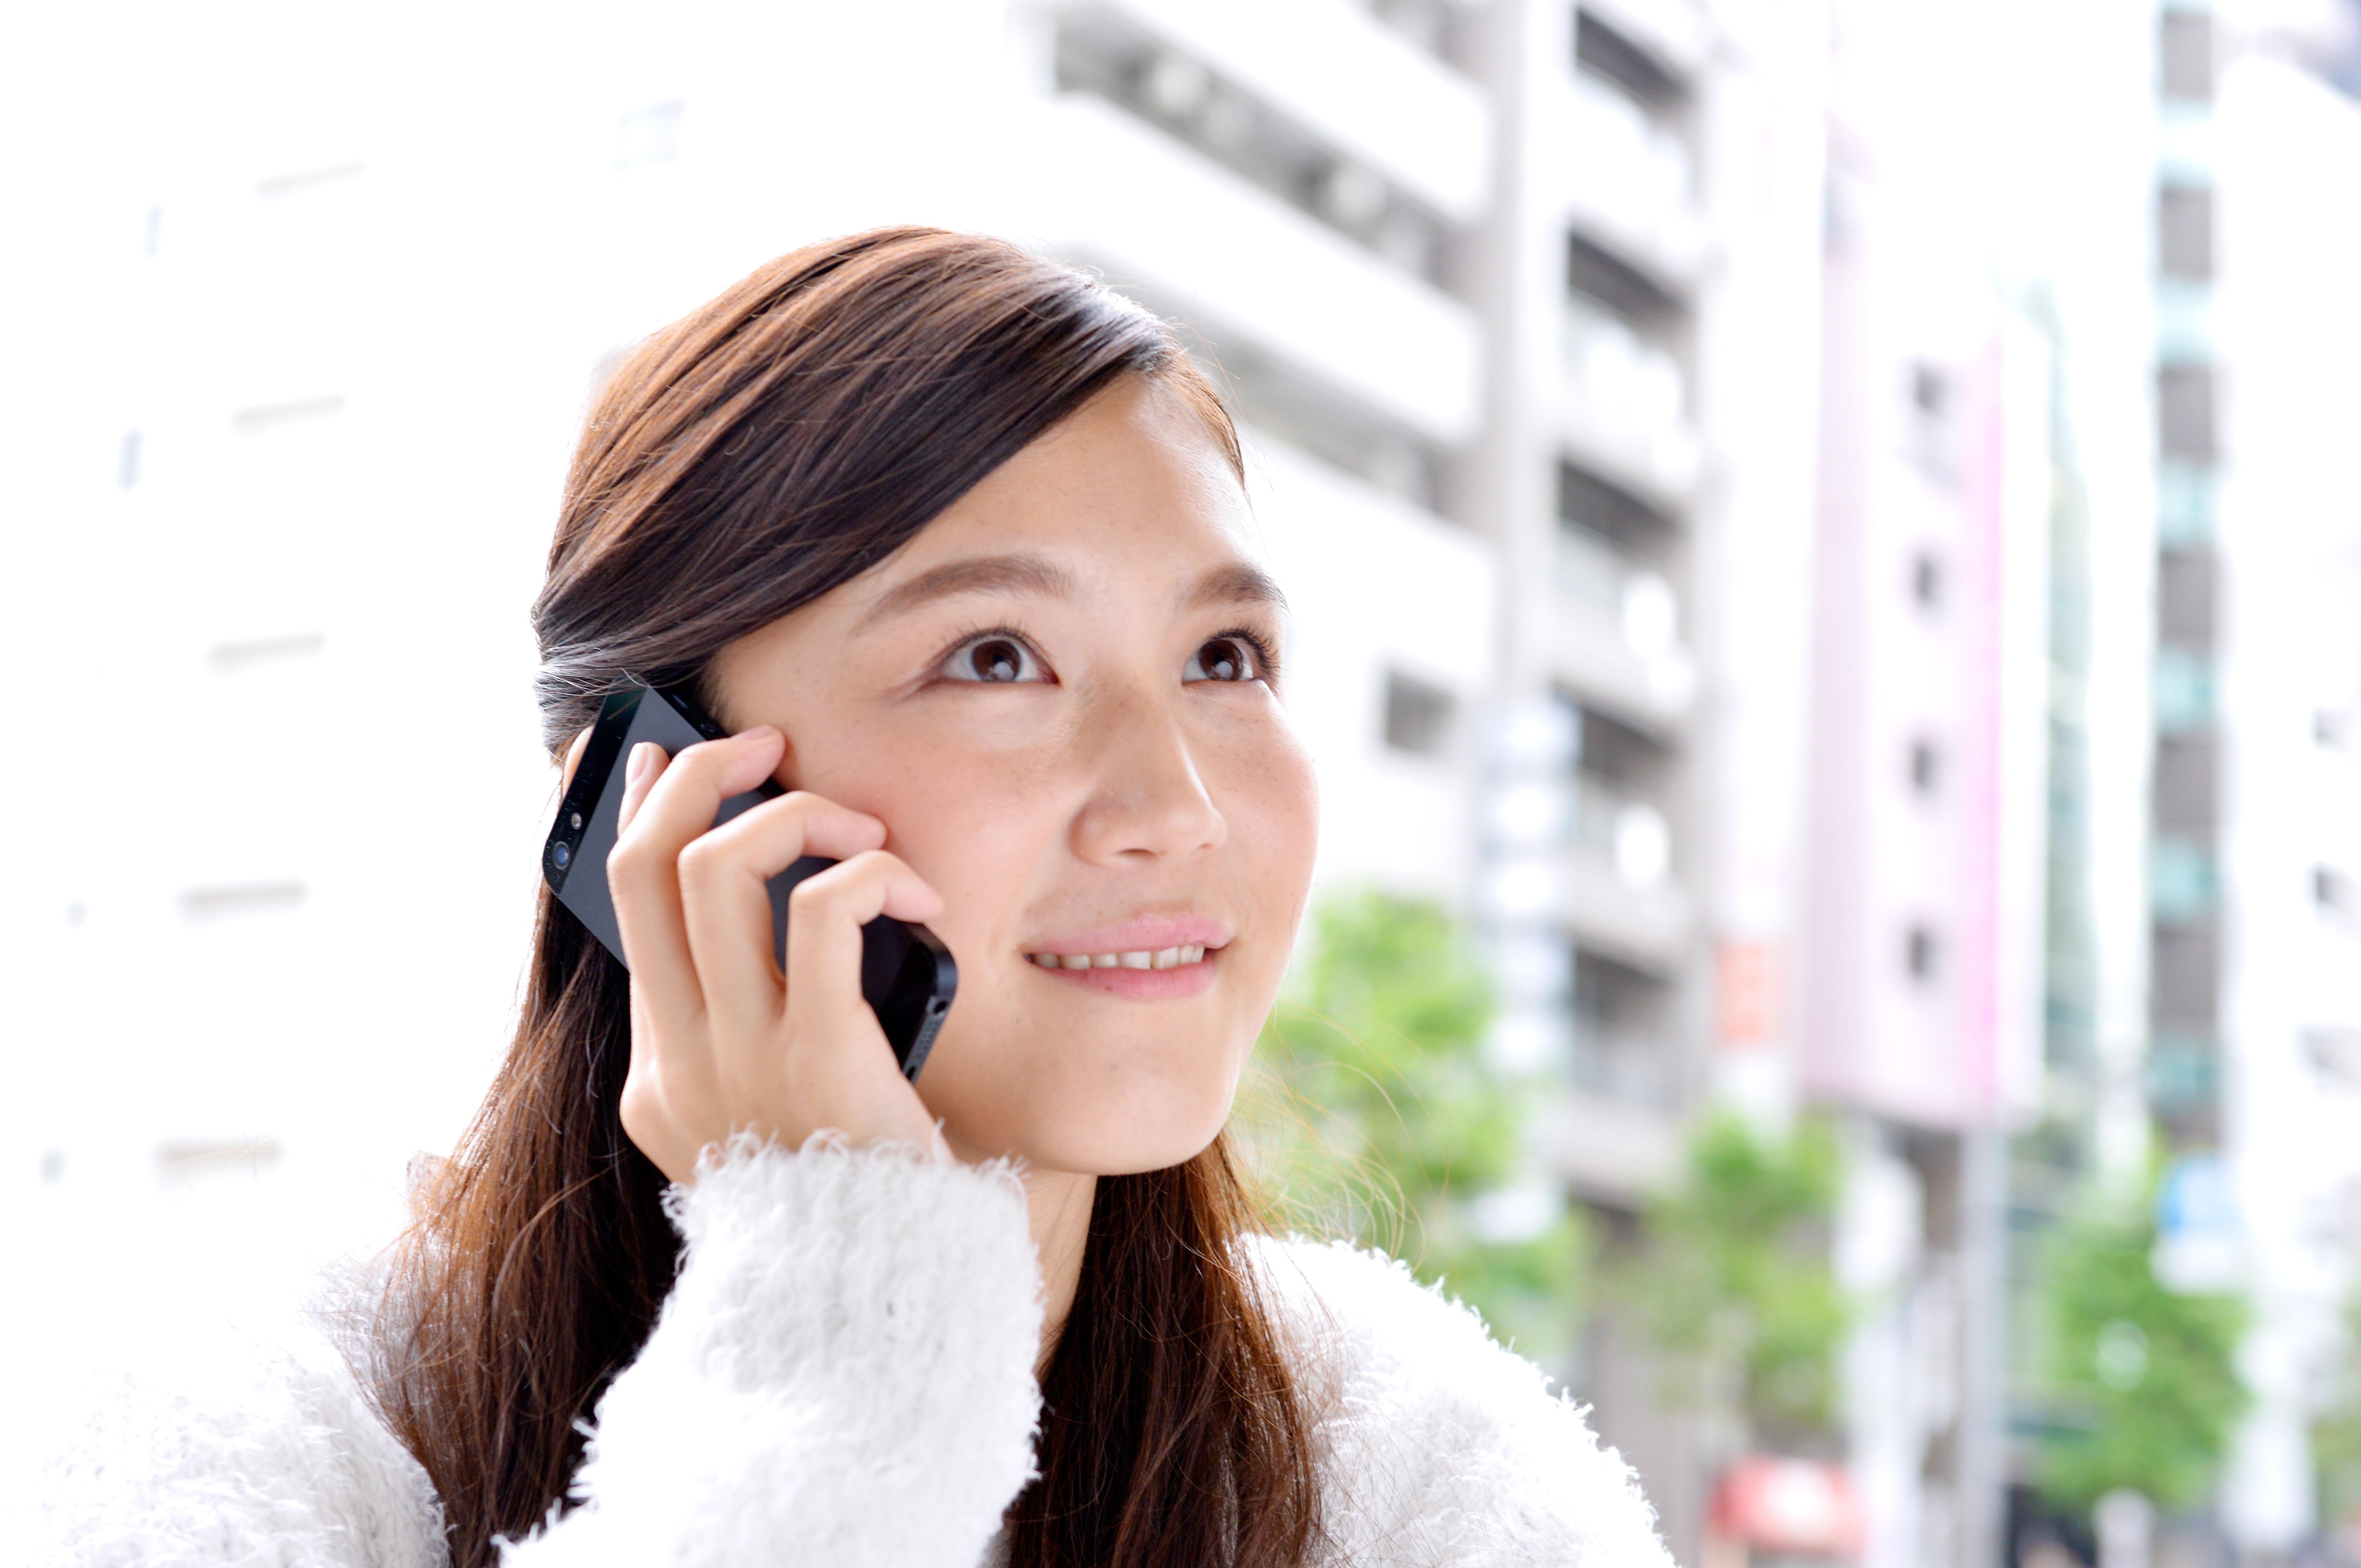 彼氏と電話する時の注意点3. 大きな悩みの話は電話でしない